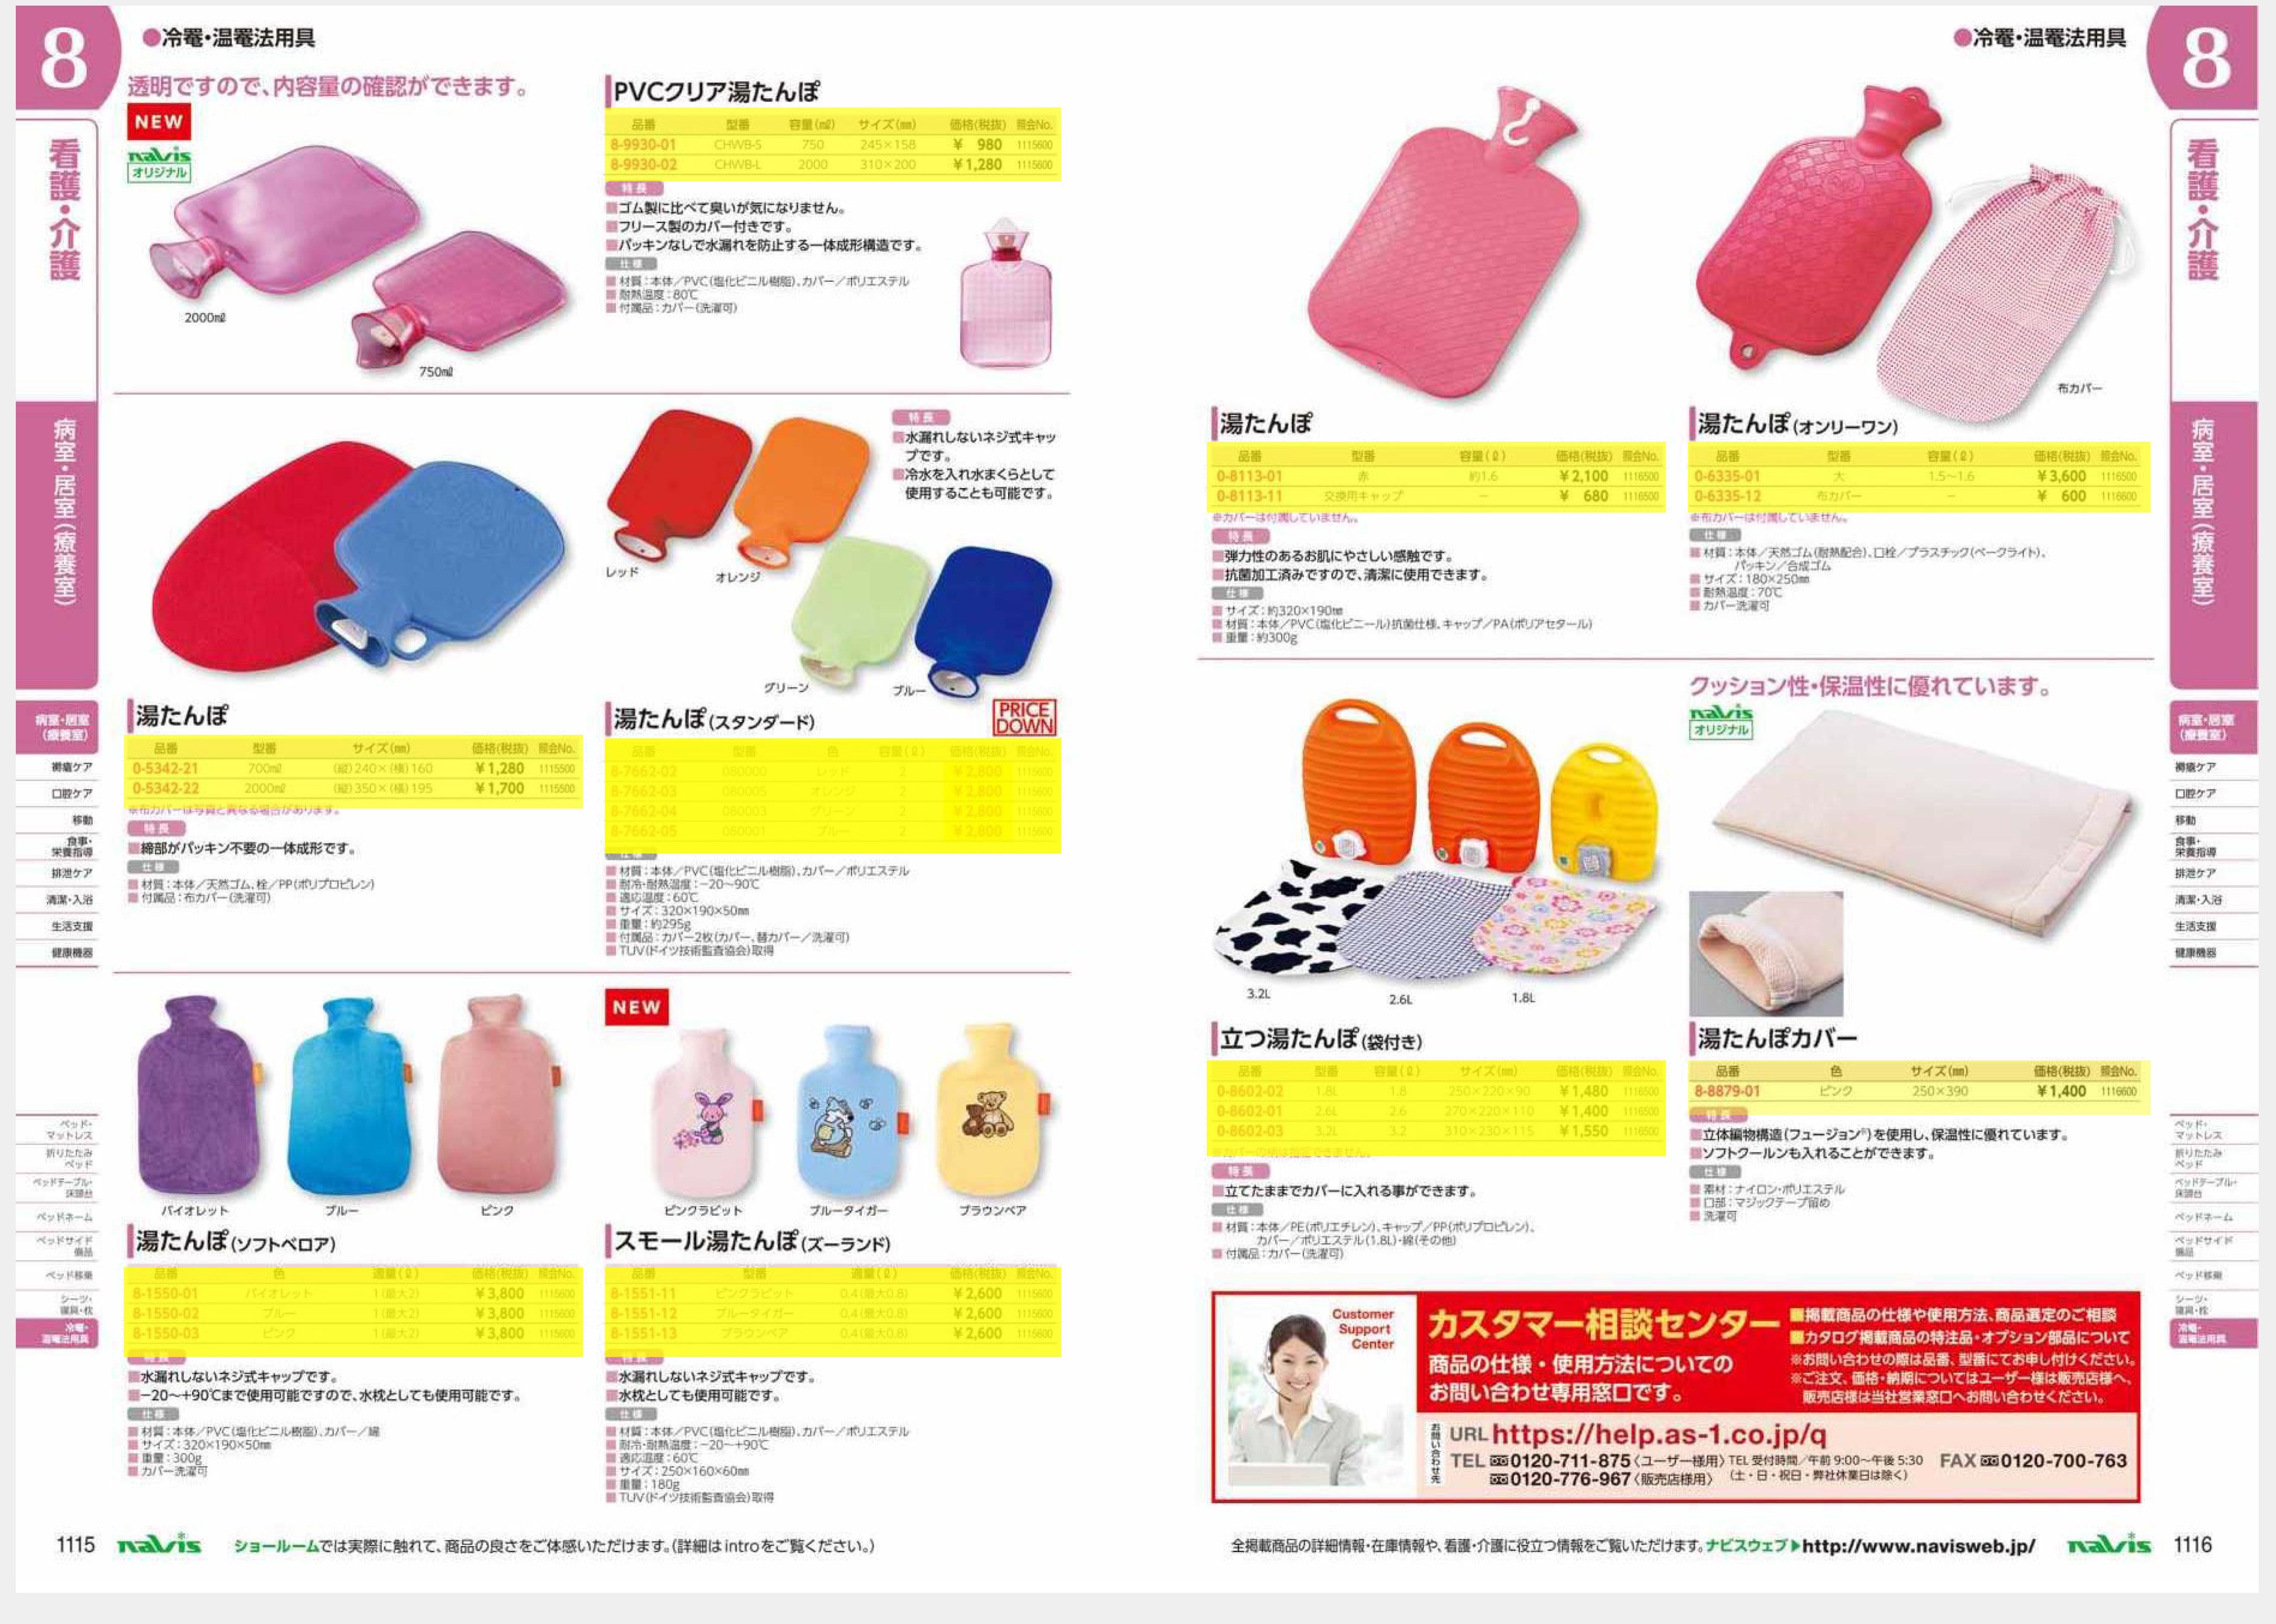 ナビス50000 ナビス 8-9930-01 PVCクリア湯たんぽ S[個](as1-8-9930-01)